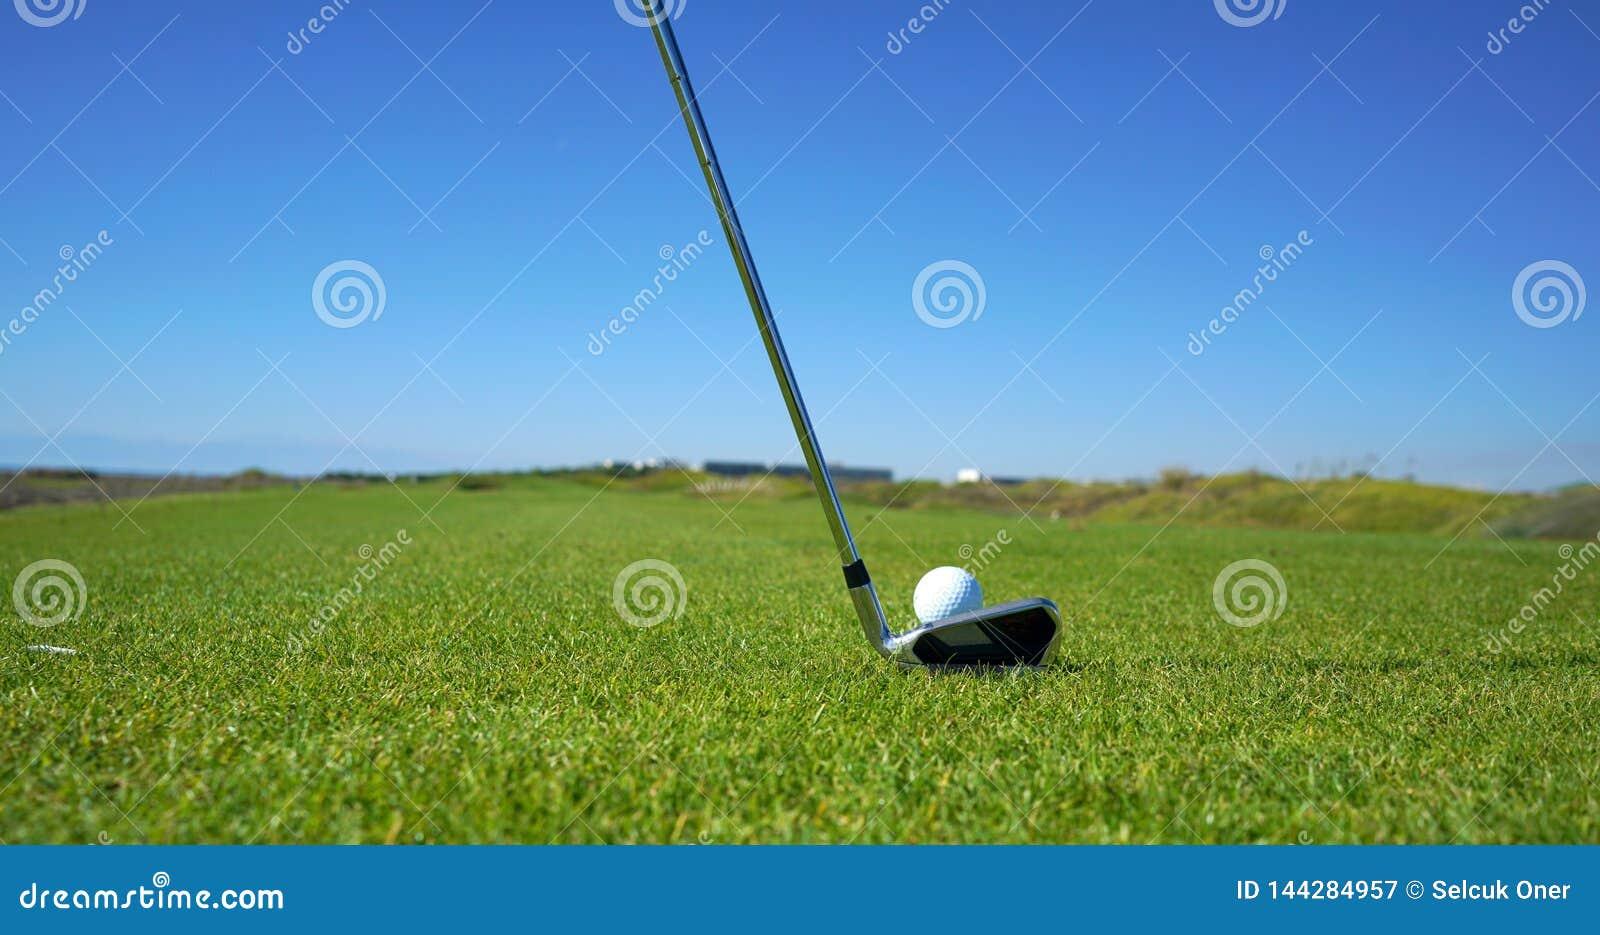 Golfbanan och golfbollen